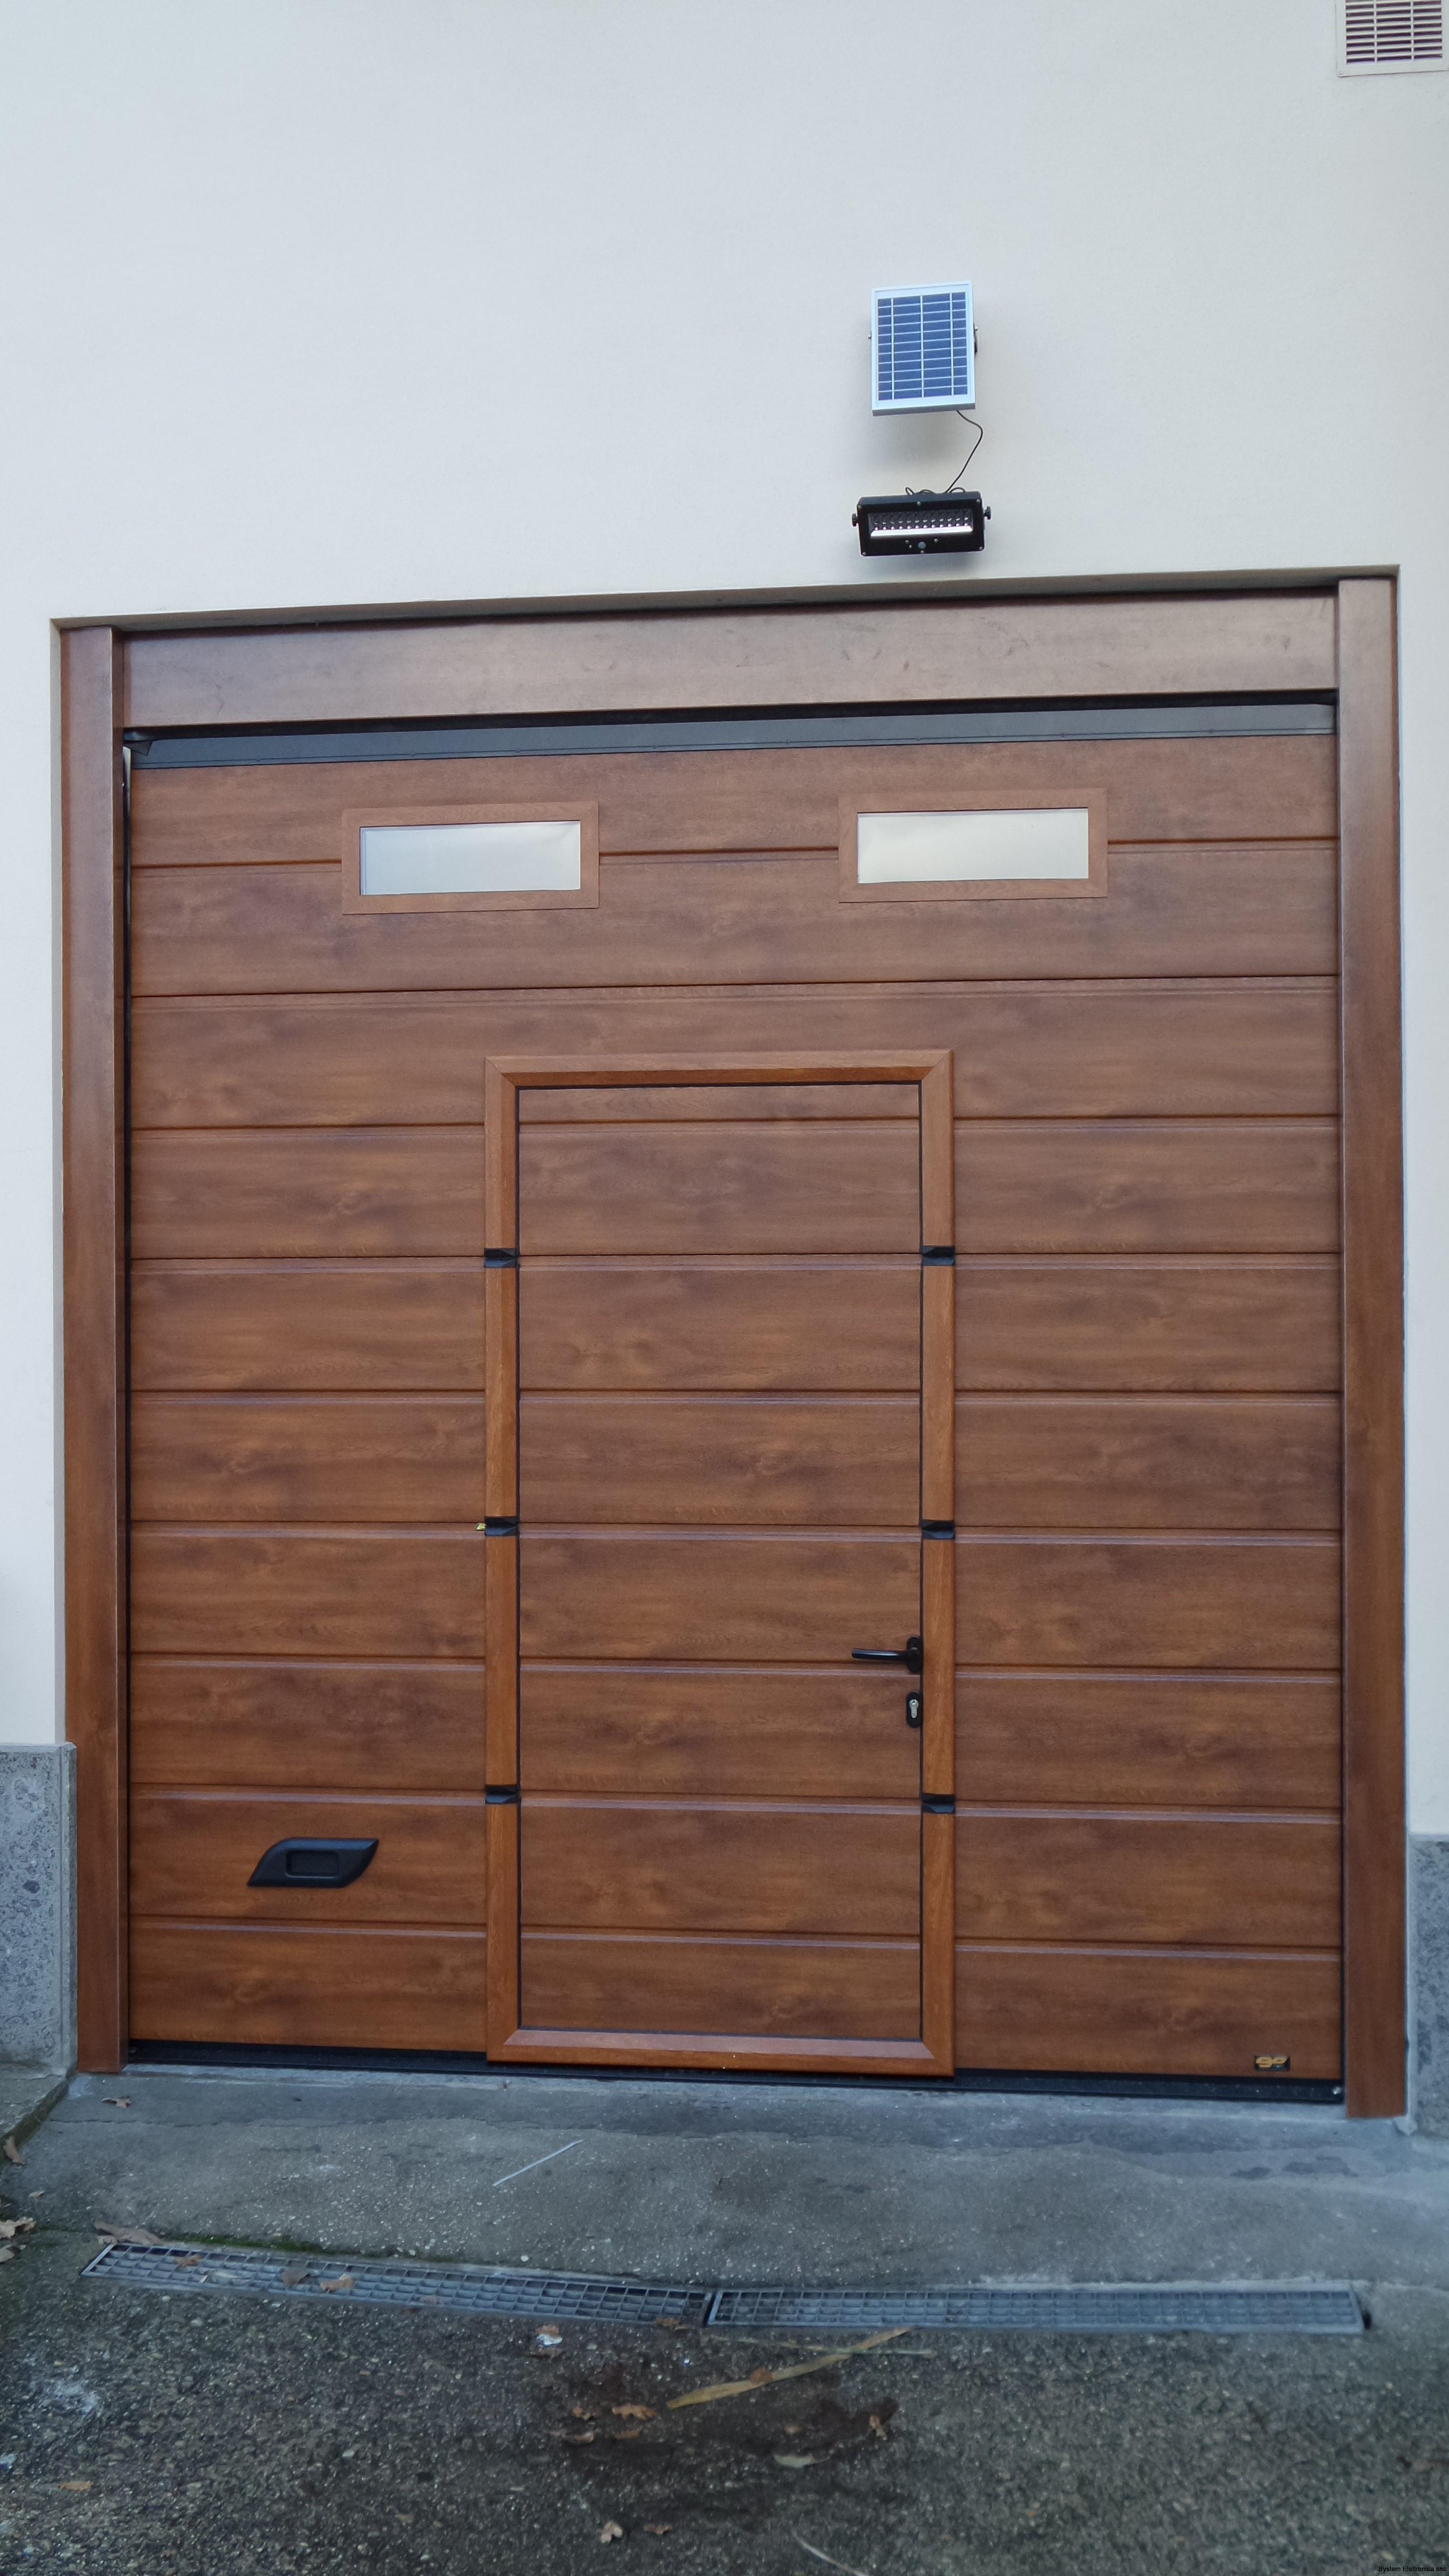 Porta sezionale da garage con porta pedonale e oblò stesso colore della porta caprarola (VT)